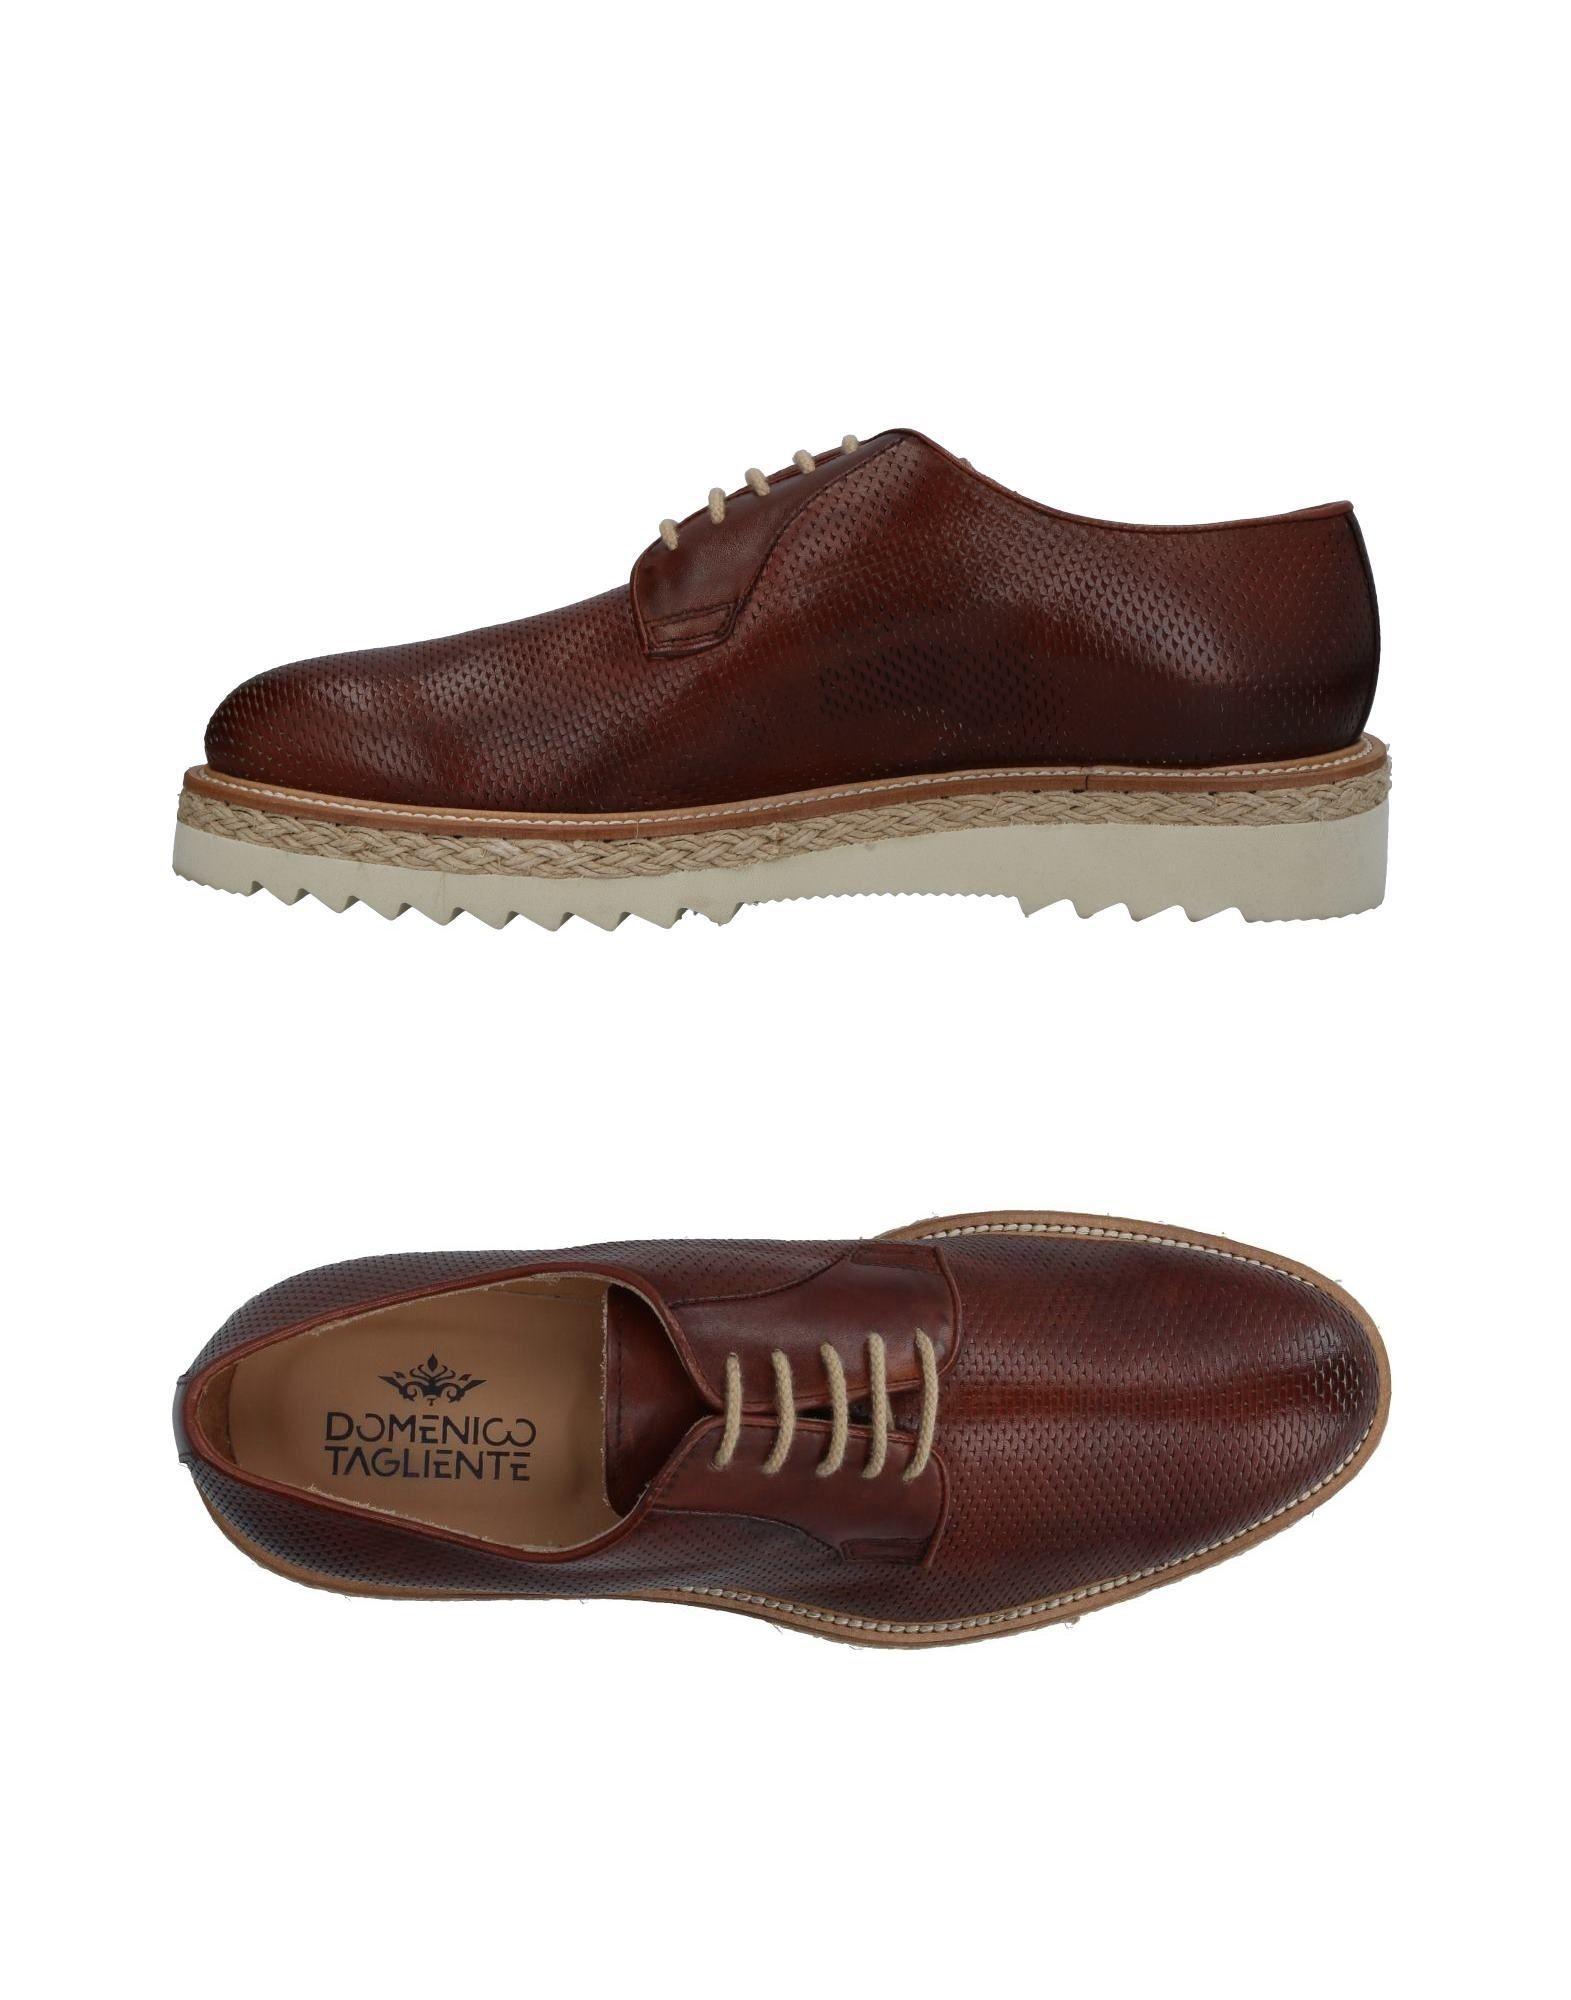 DOMENICO TAGLIENTE Обувь на шнурках